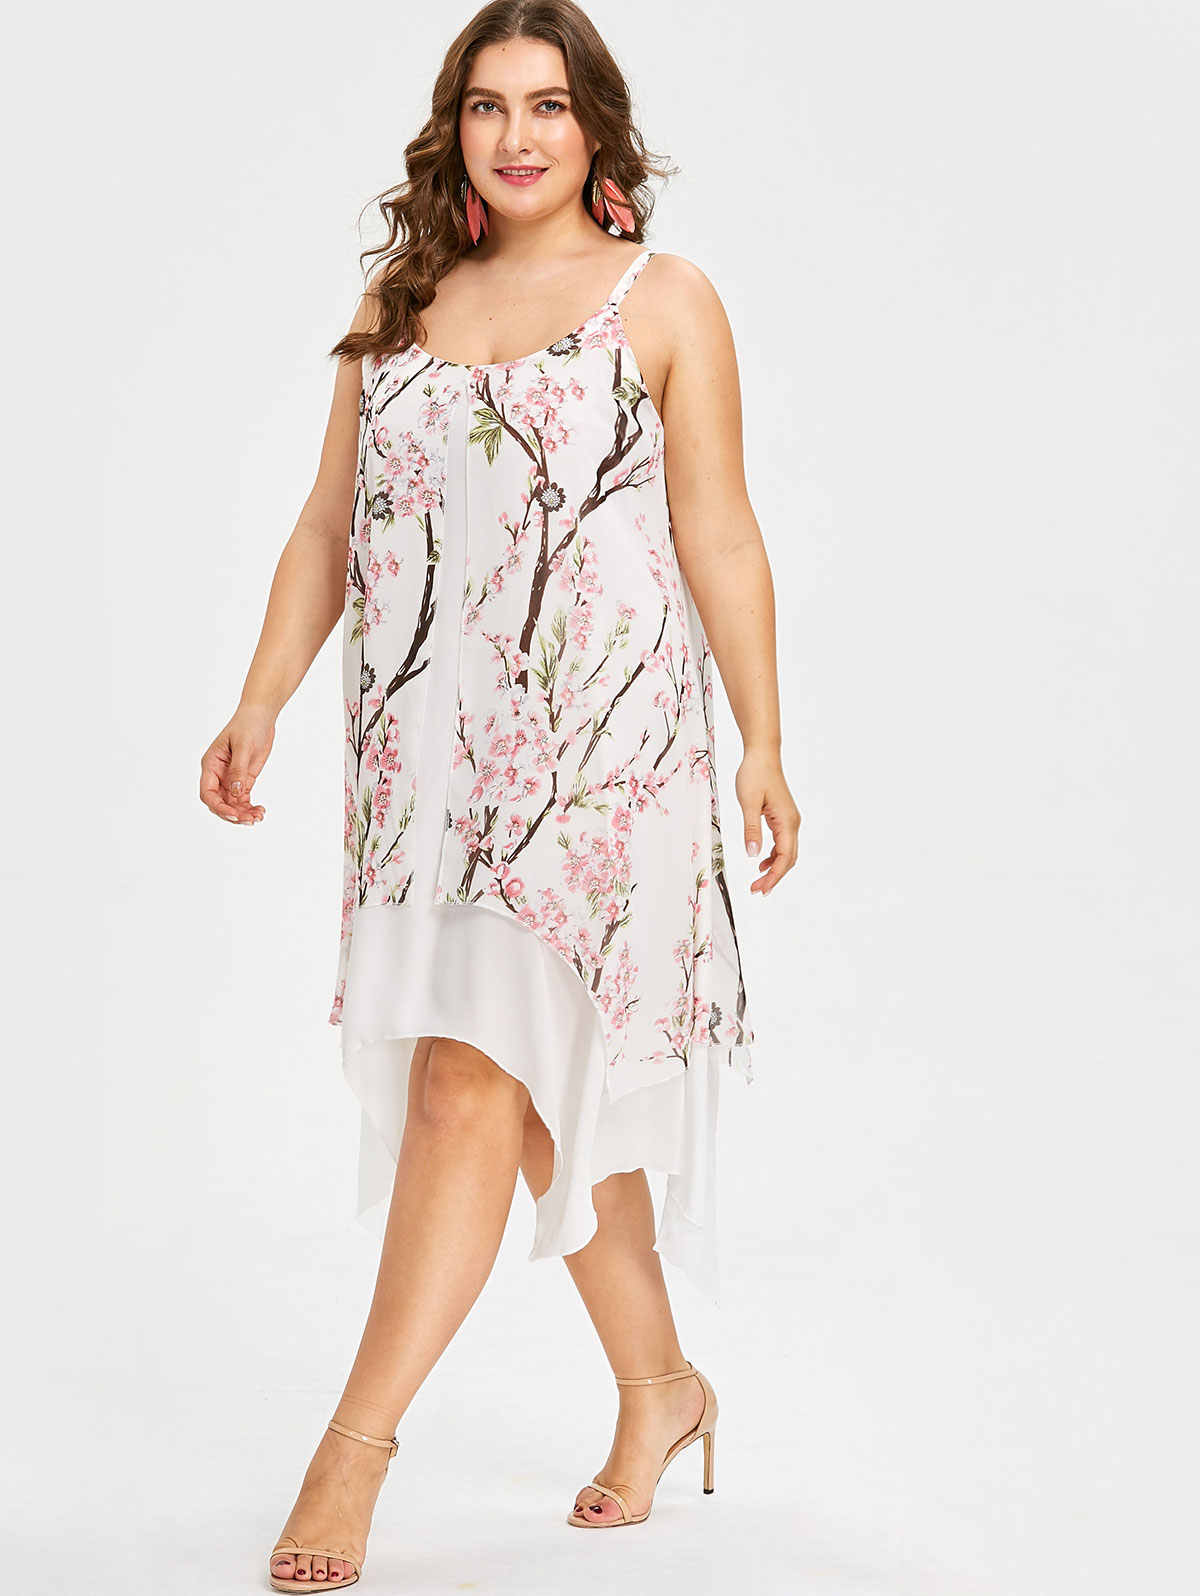 Wisalo плюс размер 5XL Cami платье с цветочным принтом женское летнее Бохо Спагетти ремень без рукавов шифоновое платье до середины икры Vestidos